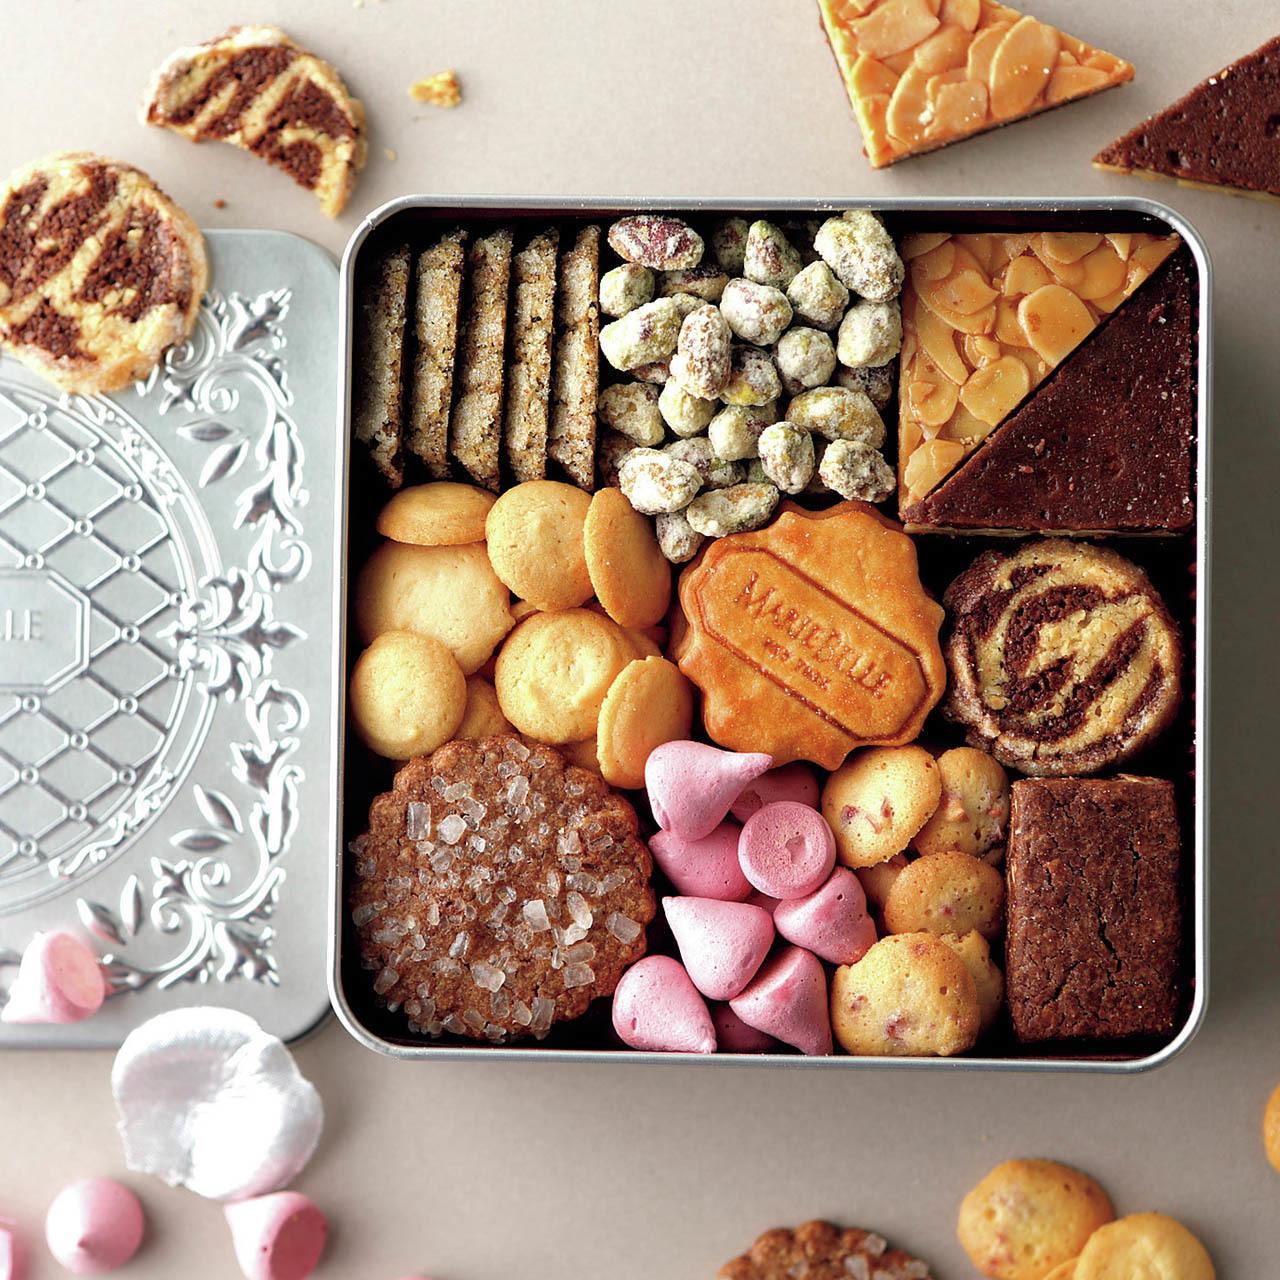 おいしさの小宇宙、缶入りクッキーの世界へようこそ 五選_1_1-5